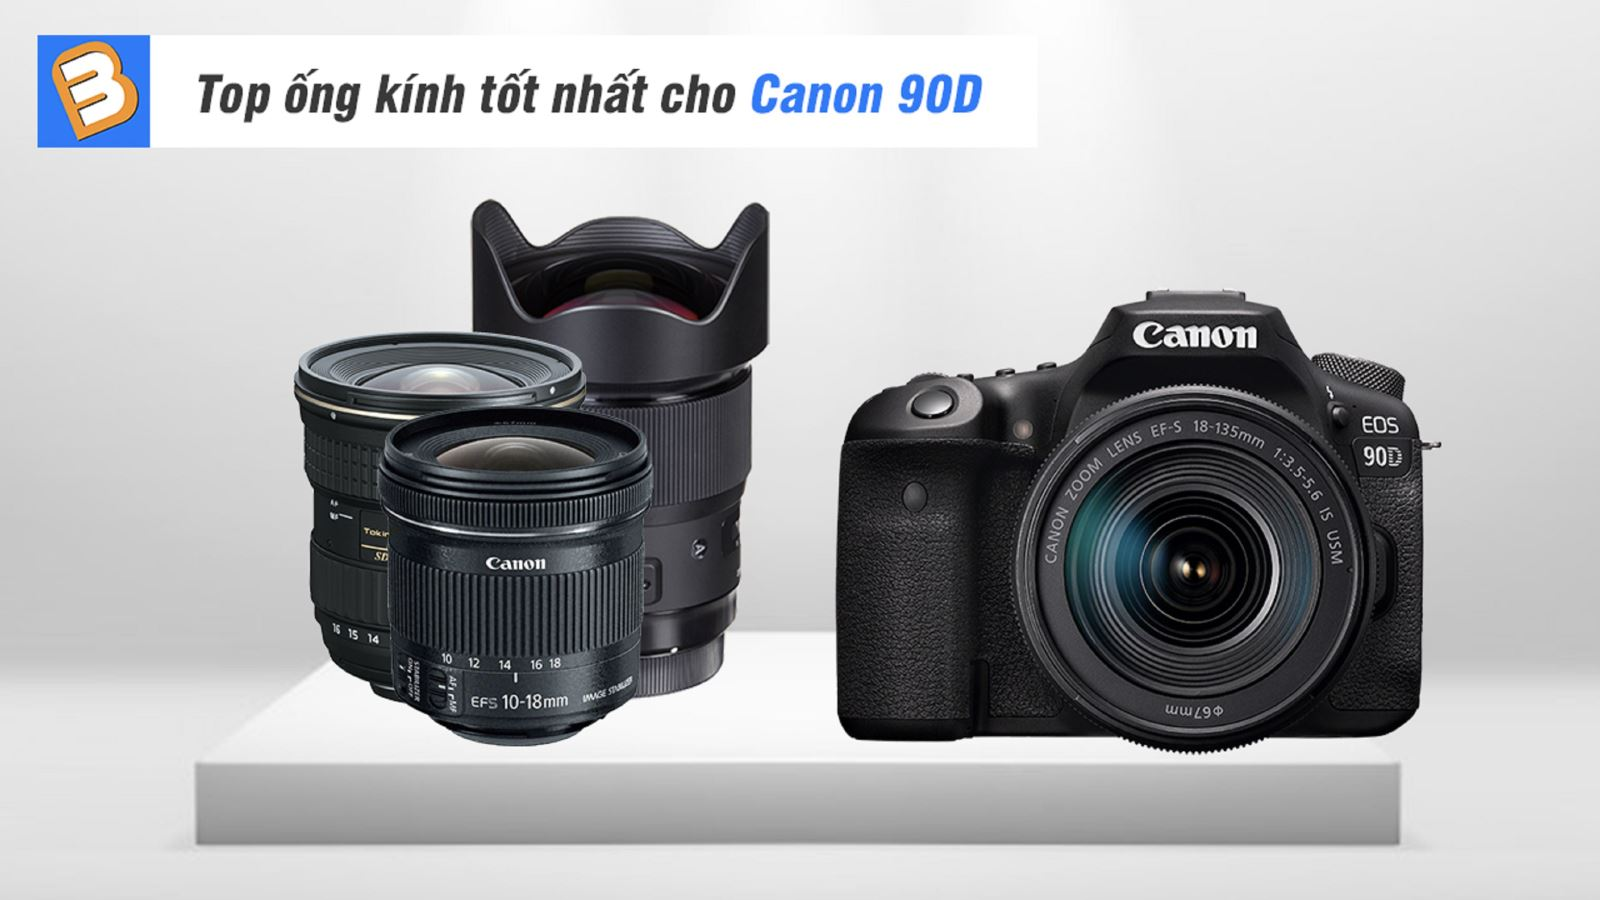 Top ống kính tốt nhất cho Canon 90D